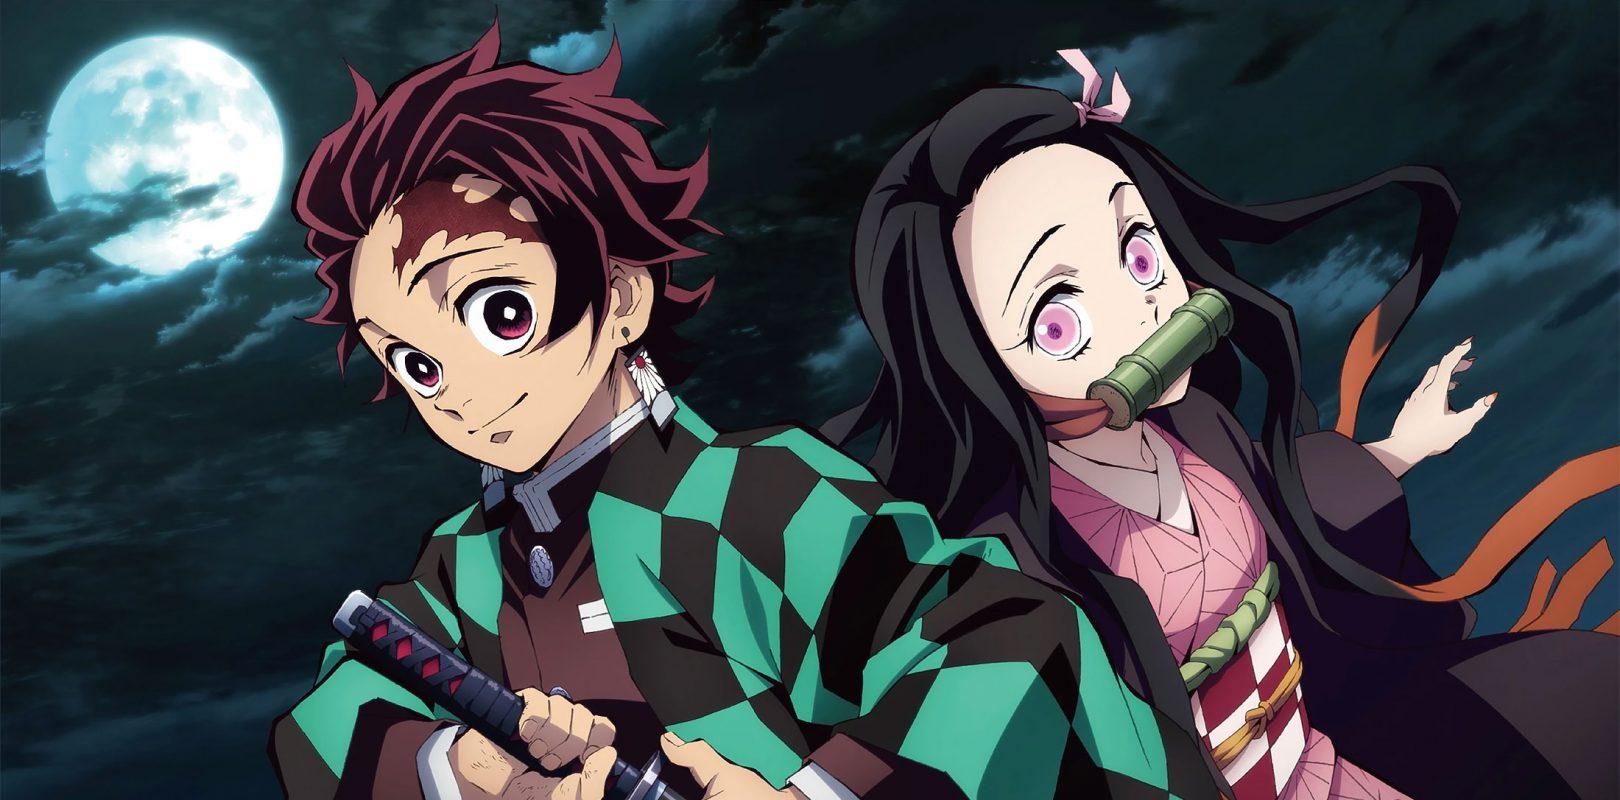 Immagine di Tanjiro e Nezuko. Fonte animegamers.it